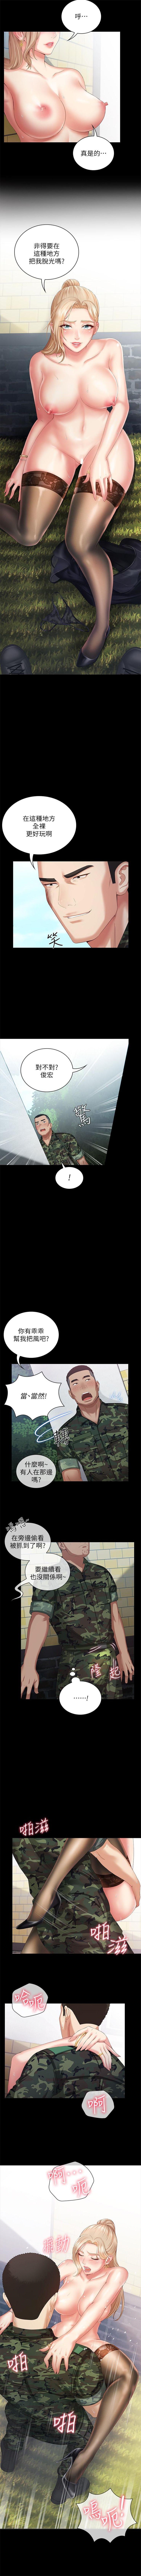 (周6)妹妹的义务 1-13 中文翻译(更新中) 77